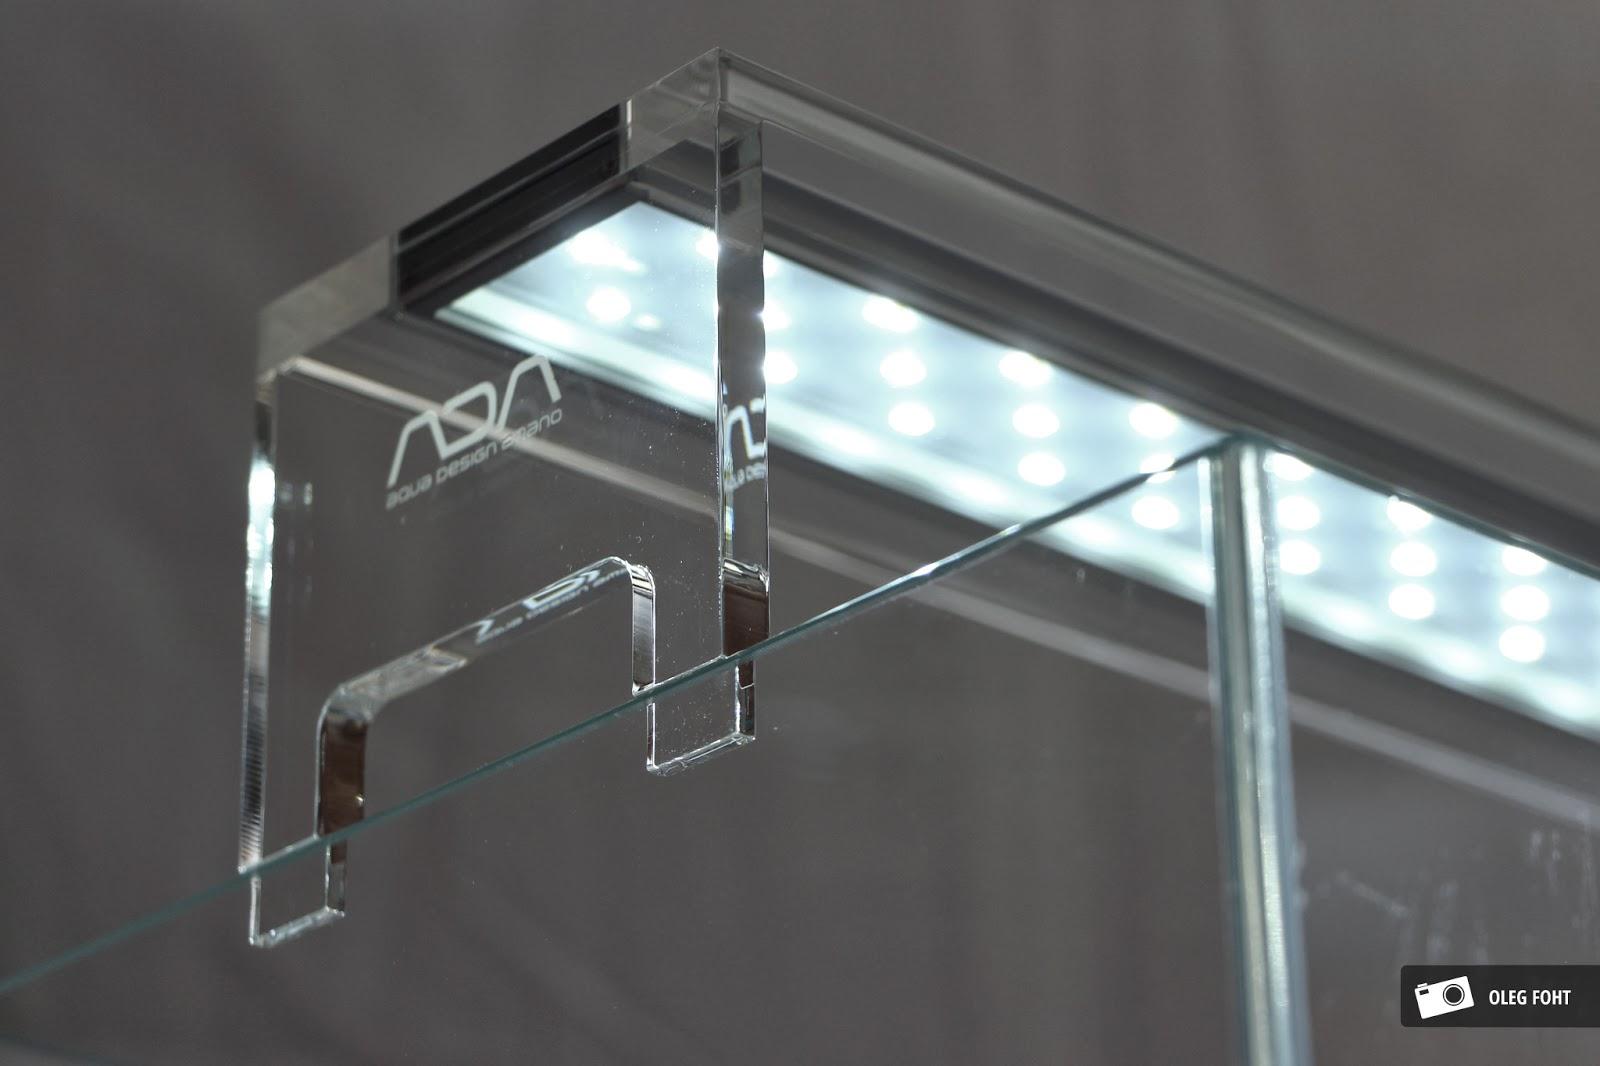 Faszination Aquascaping Aquarium Beleuchtung Richtig